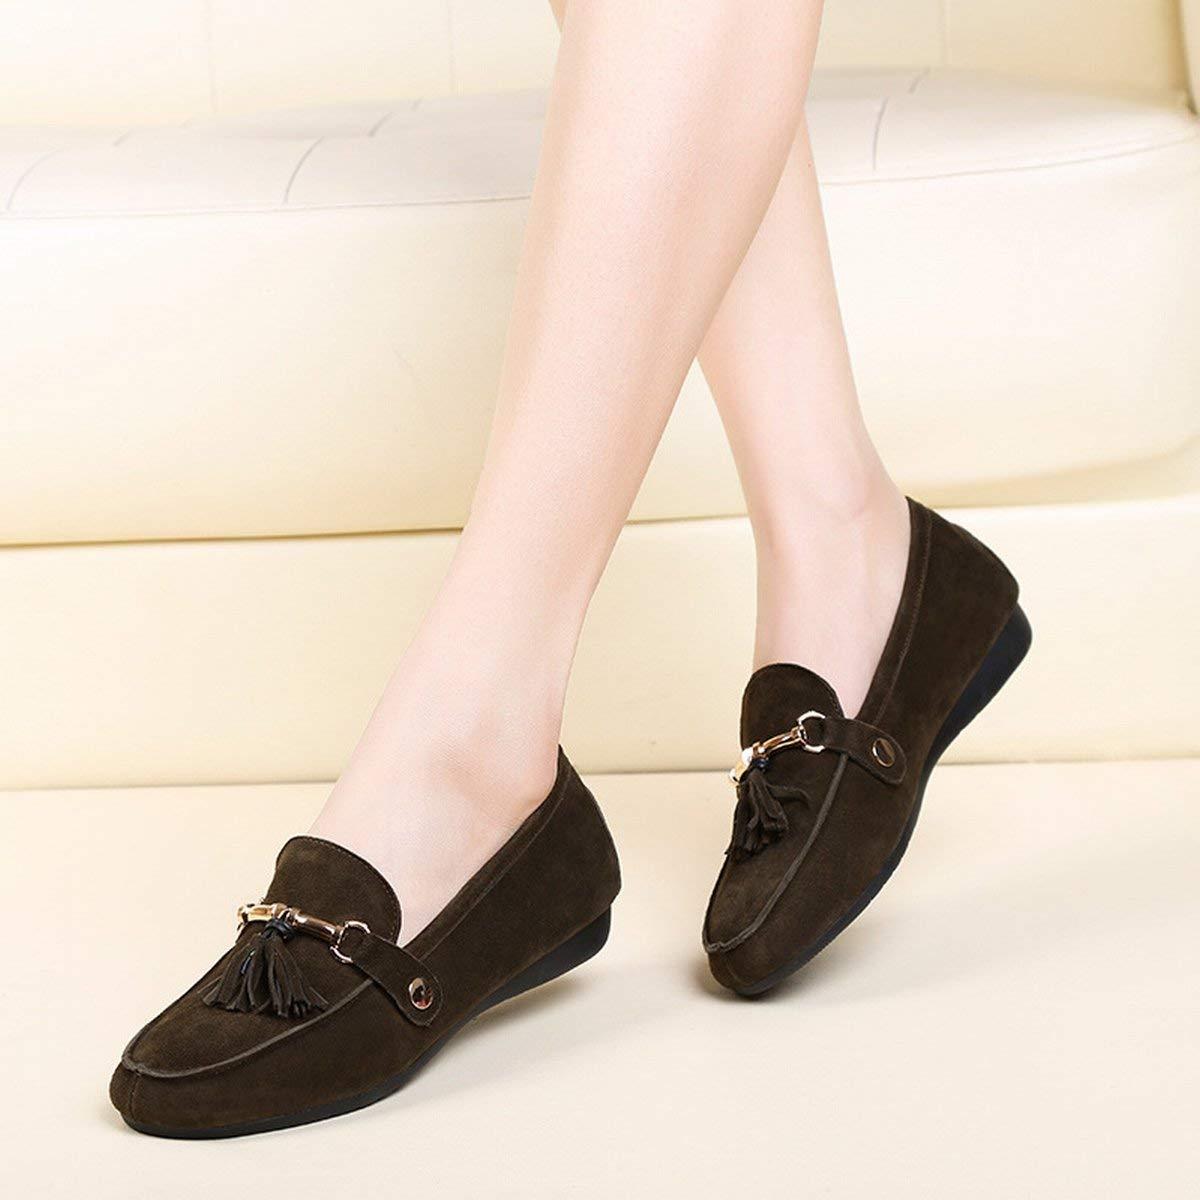 Fuxitoggo Schuhe Wenig Tiefe Schuhe Schuhe Flach und komfortabel komfortabel komfortabel Peeling Schuhe Damen mit Schuhe Lockere (Farbe   Khaki Größe   35) f1f67d